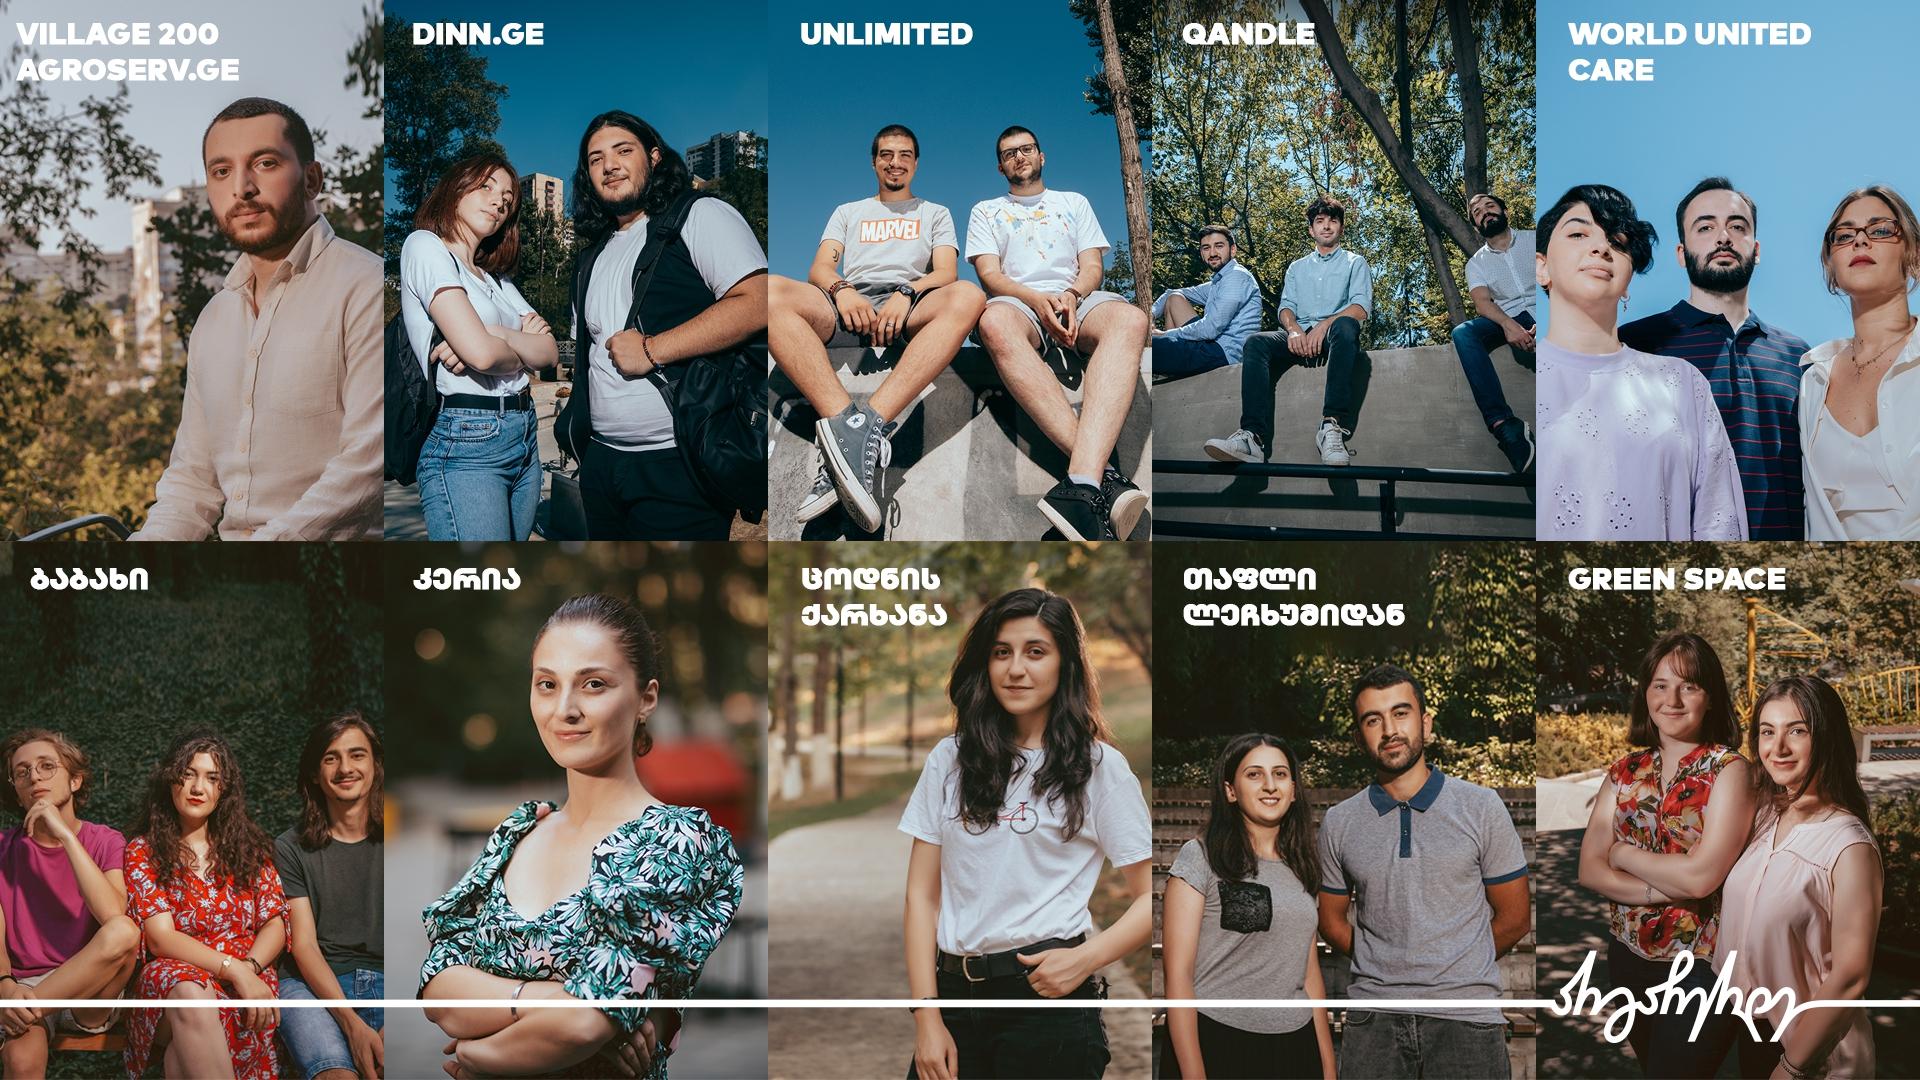 17 სექტემბერი, 2020 – Impact Hub Tbilisi საერთაშორისო ახალგაზრდული პროგრამის, Social Impact Award-ის დასკვნით ეტაპს იწყებს.